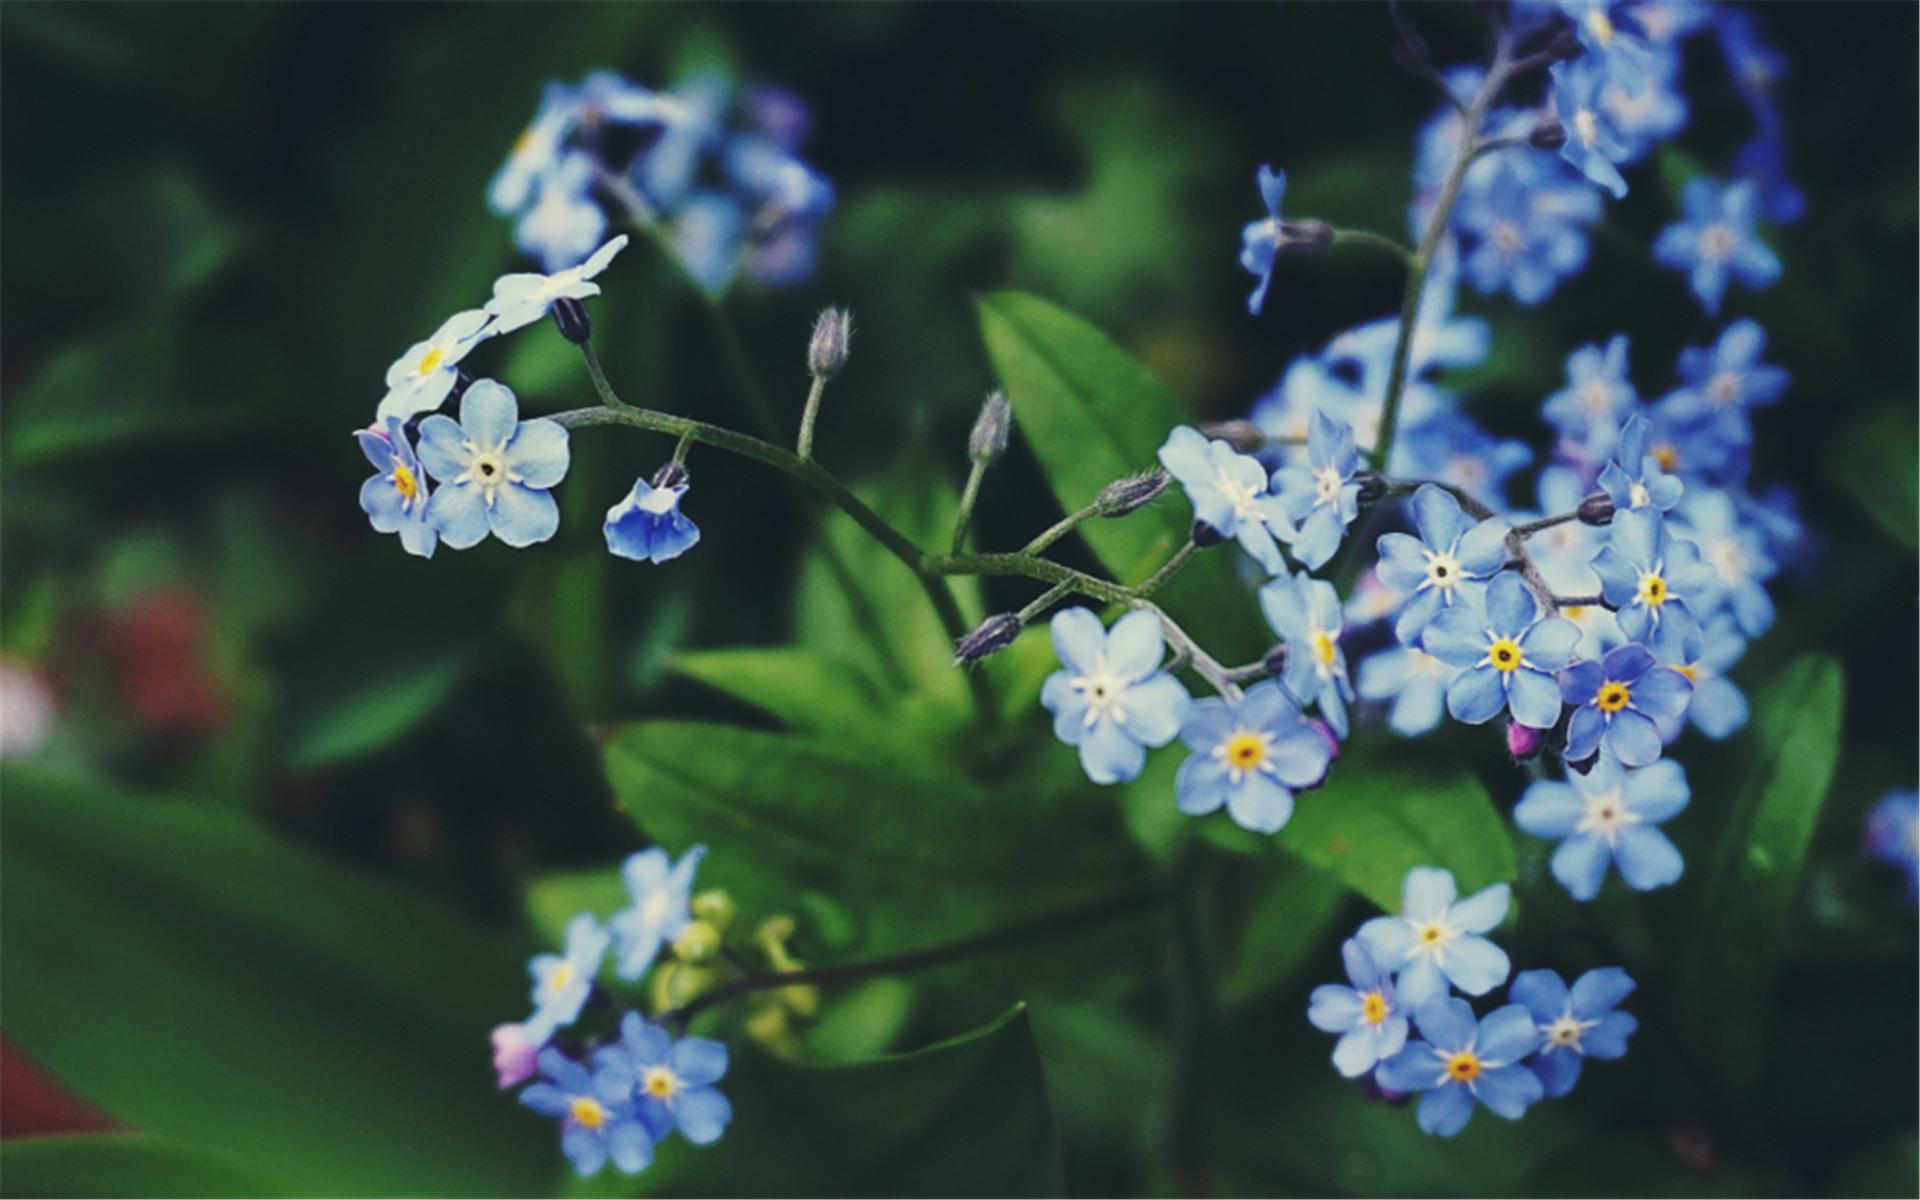 大自然户外鲜花绿植高清摄影唯美小清新电脑花卉壁纸图片